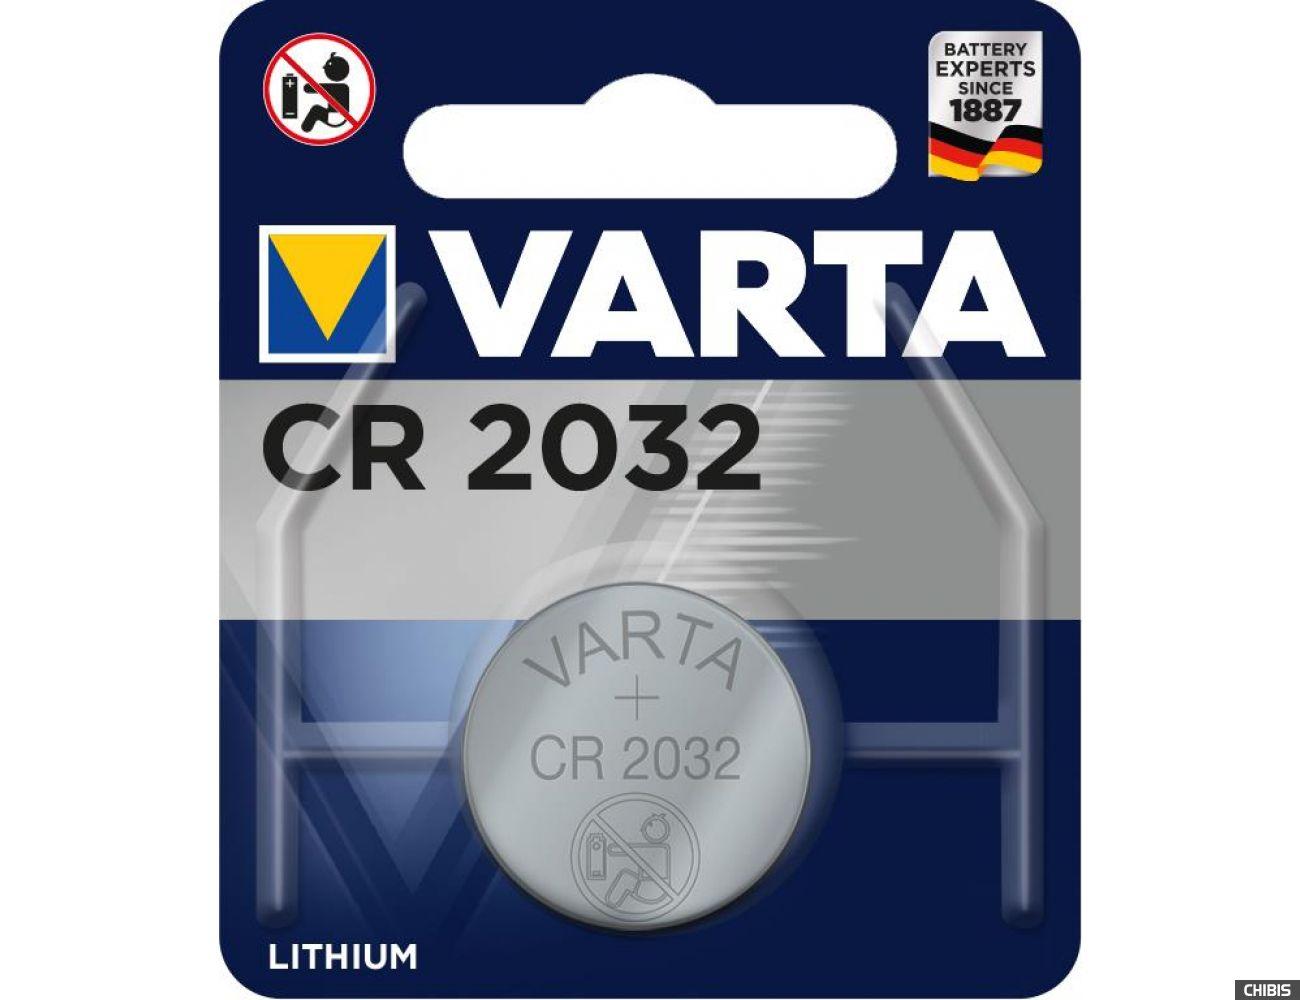 Батарейка CR2032 Varta 3V Литиевая 6032 1 шт.